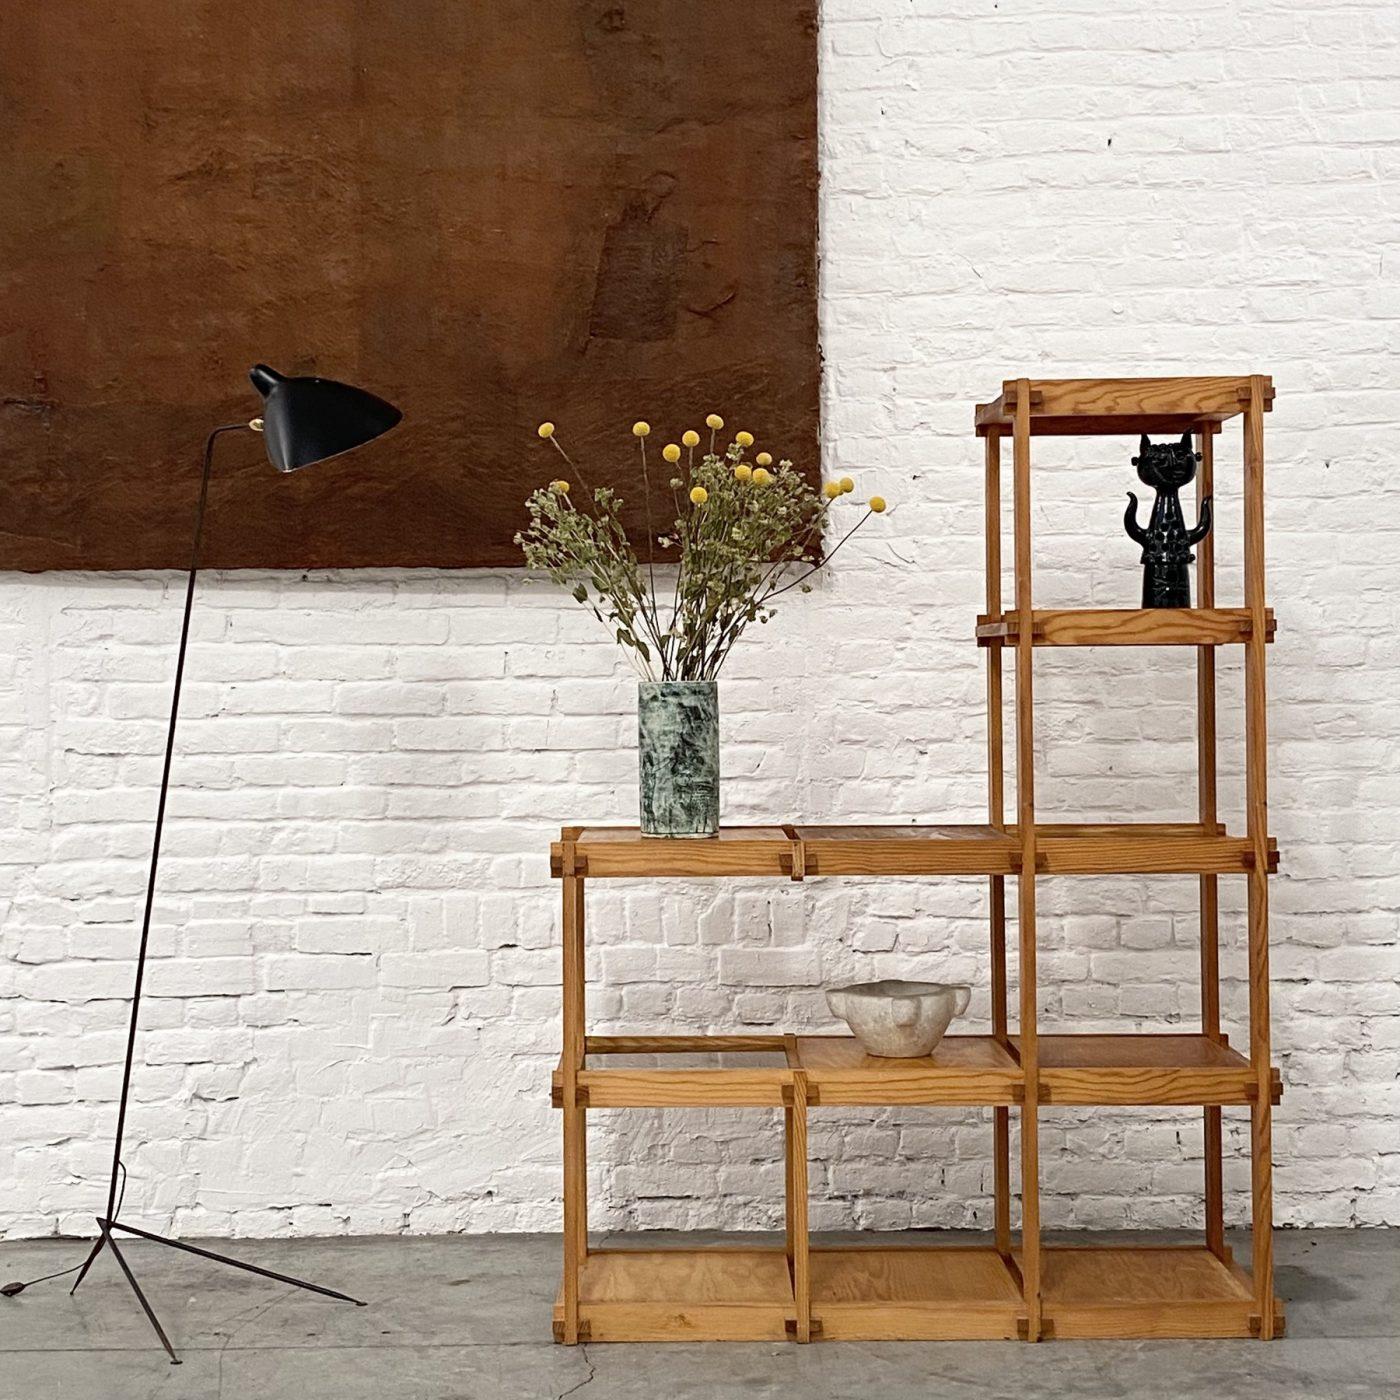 objet-vagabond-delaye-shelf0001